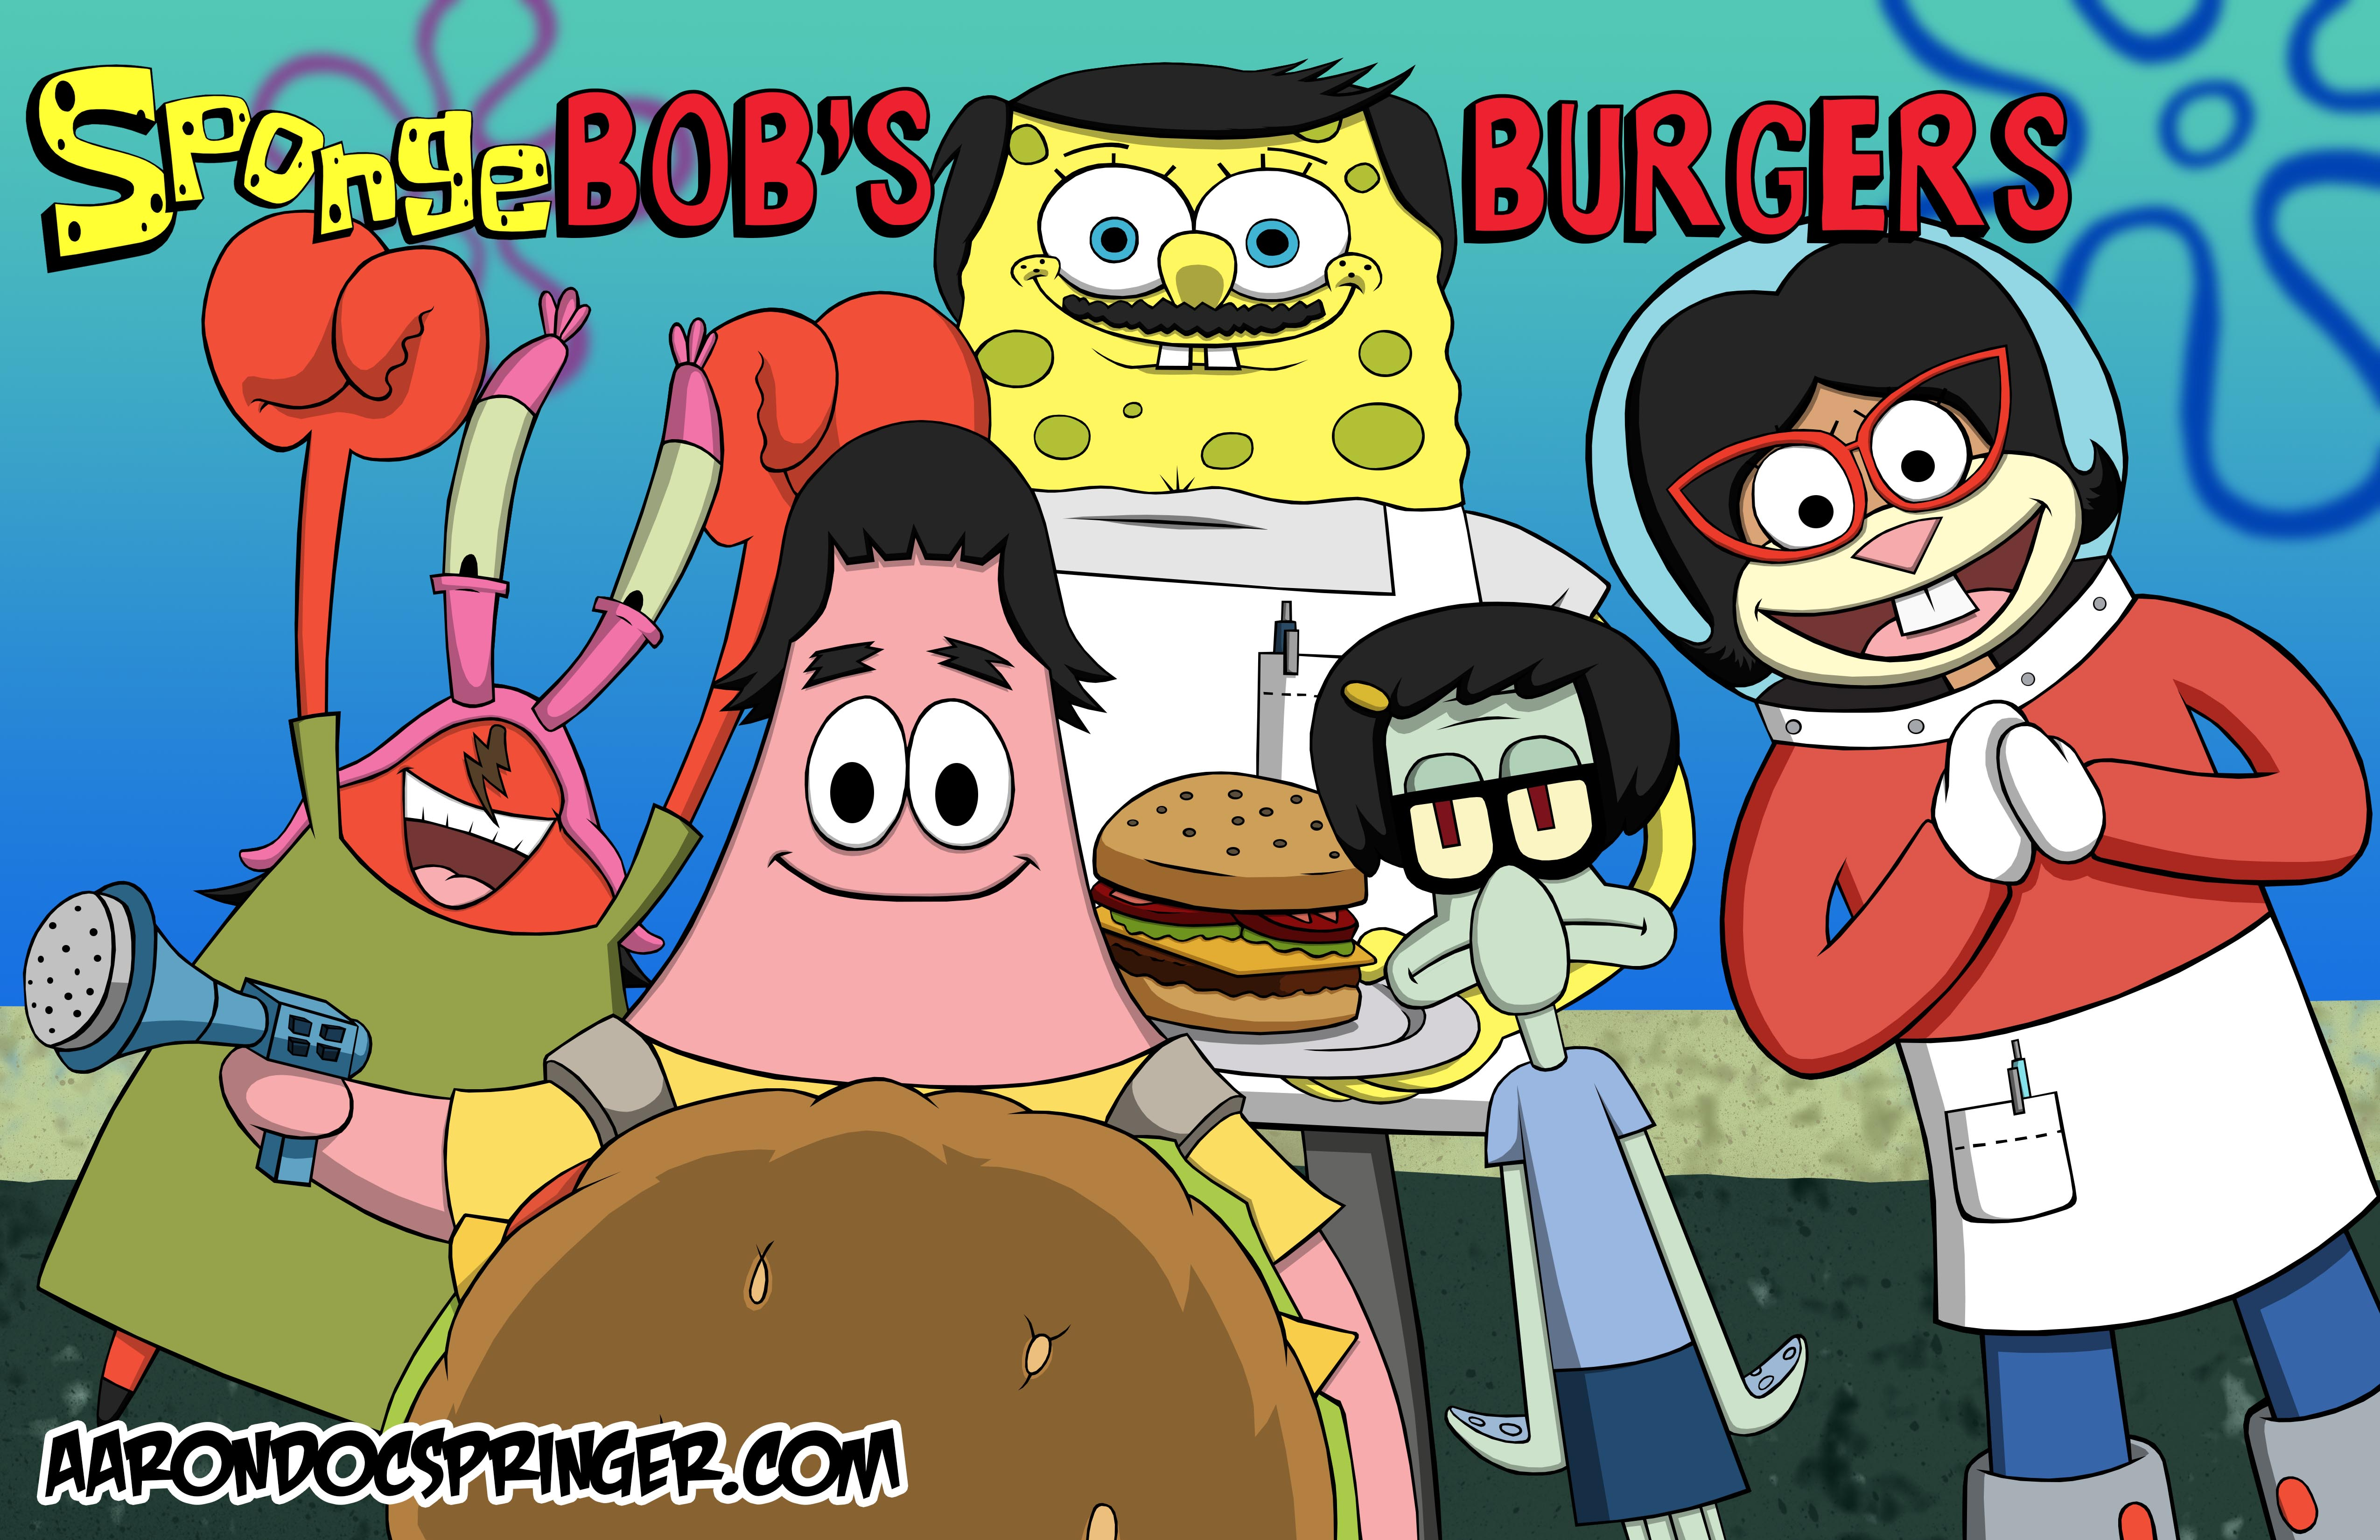 spongebobsburgers